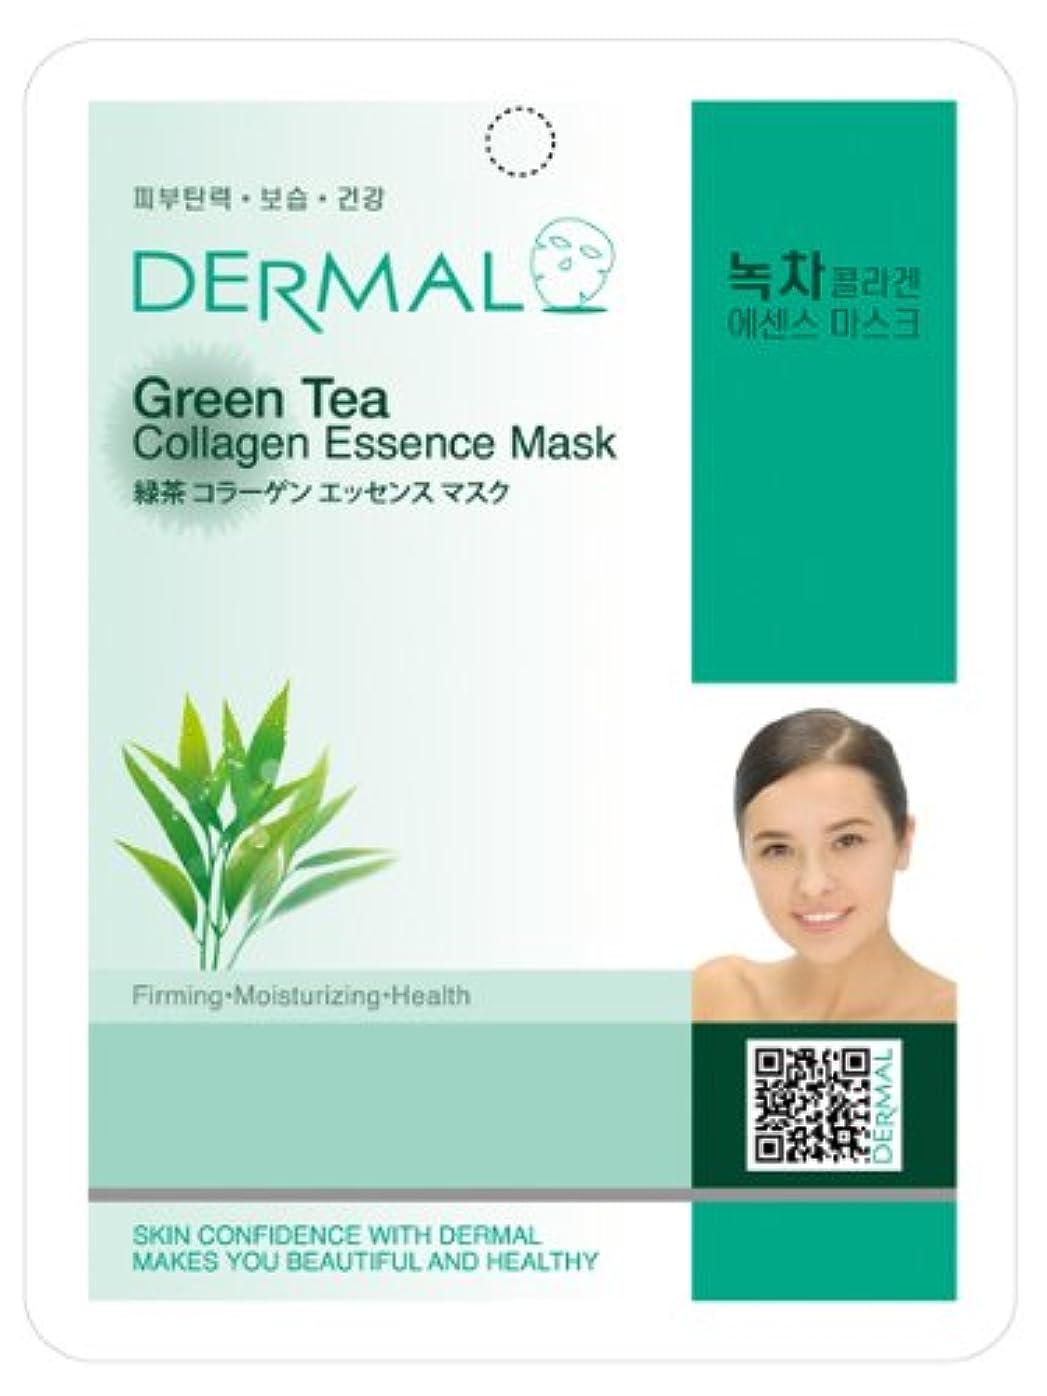 トリップシャーロックホームズ険しいシートマスク 緑茶 100枚セット ダーマル(Dermal) フェイス パック